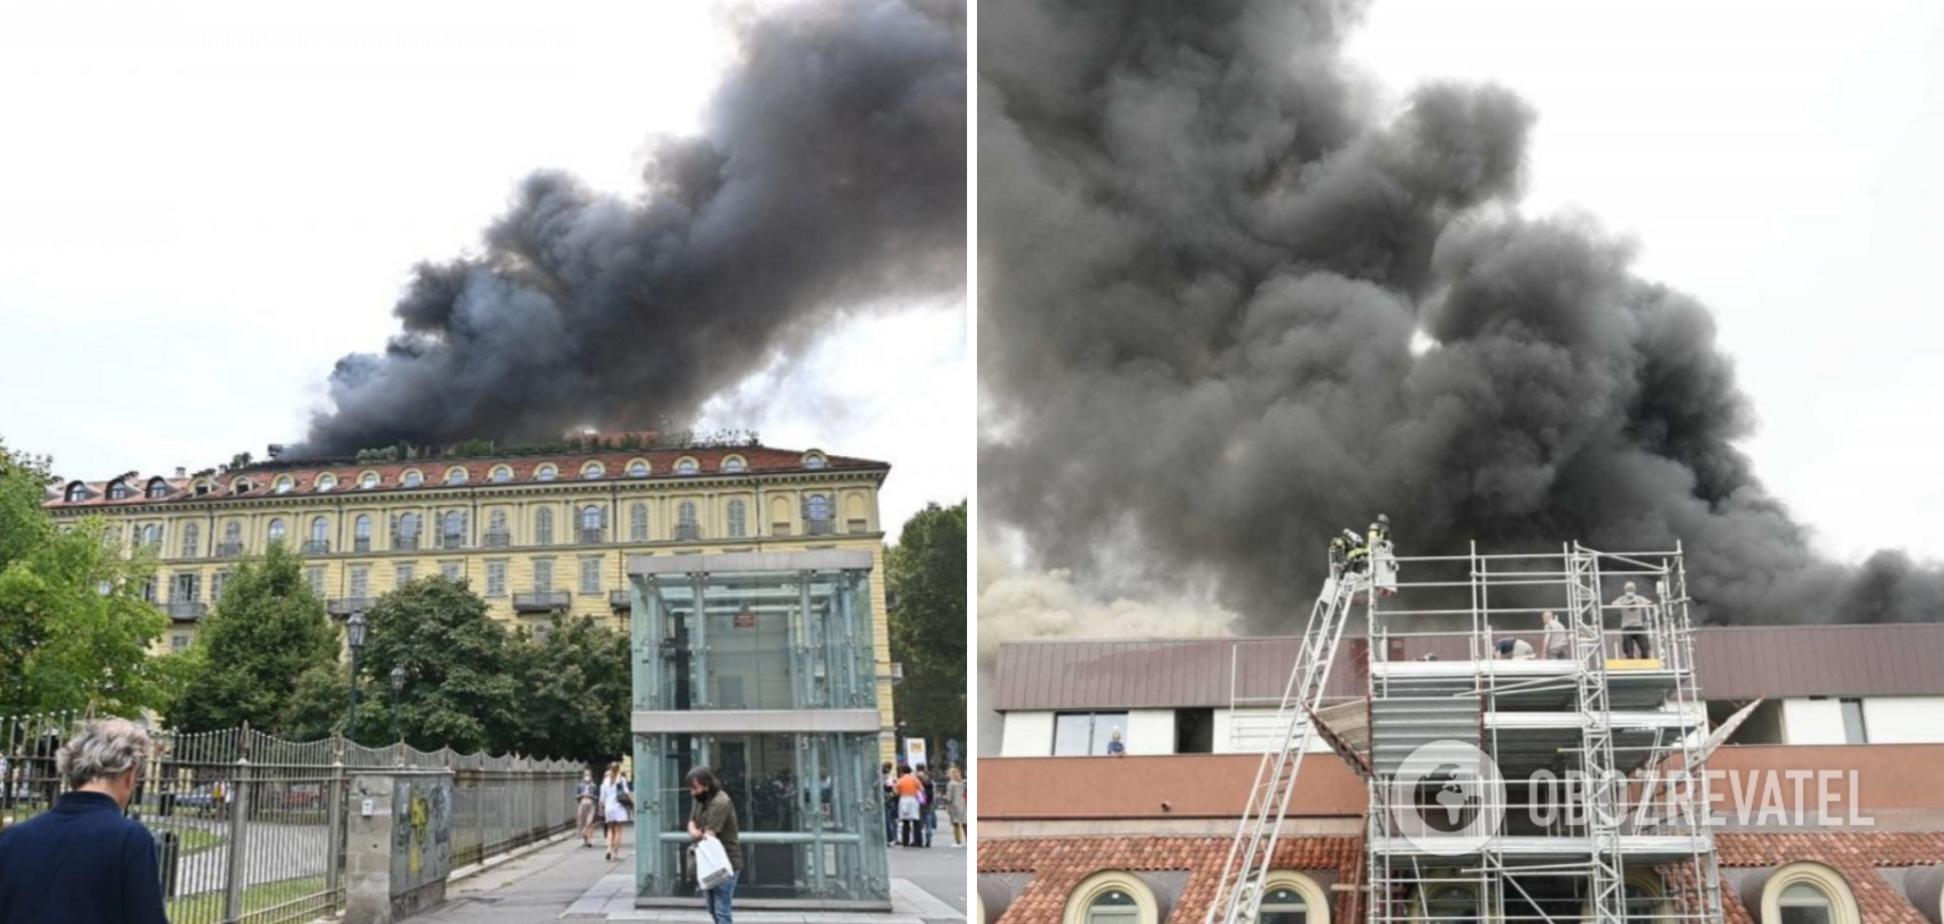 В центре Турина горело историческое здание: есть пострадавшие и множество эвакуированных. Фото и видео